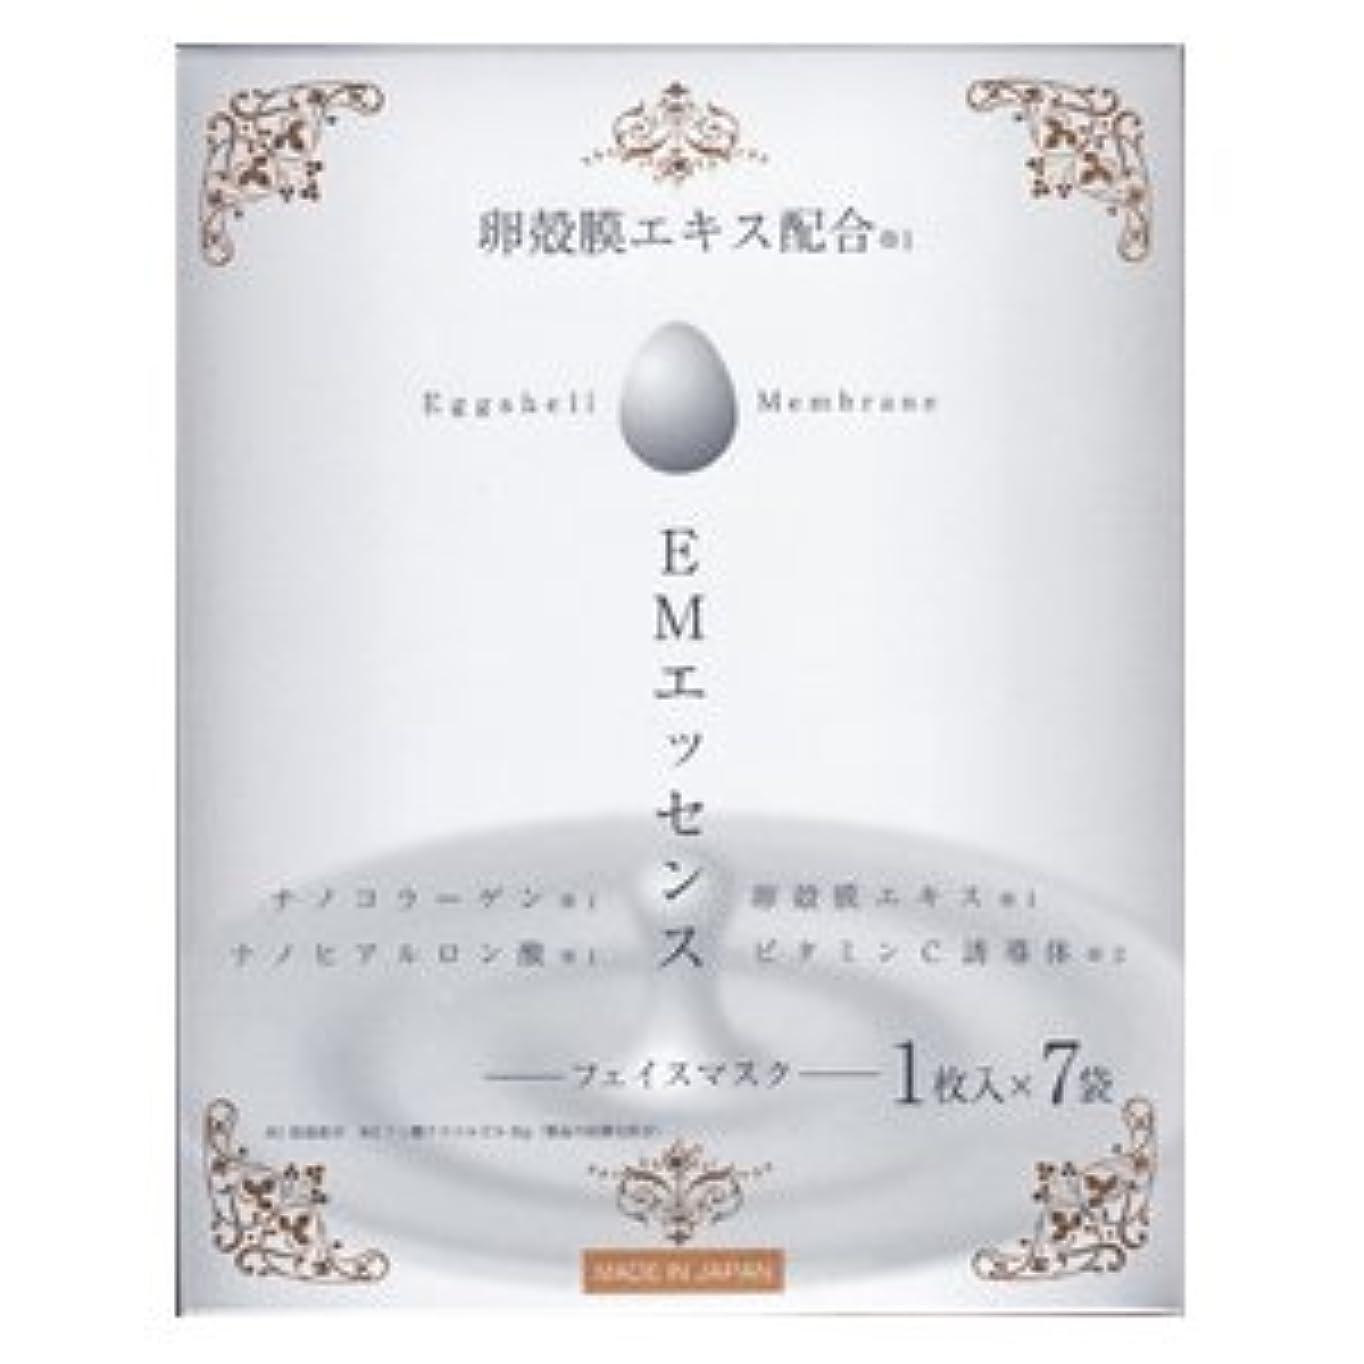 ステッチ高架ペレグリネーション卵殻膜エキス配合 EMエッセンス フェイスマスク 1枚入×7袋